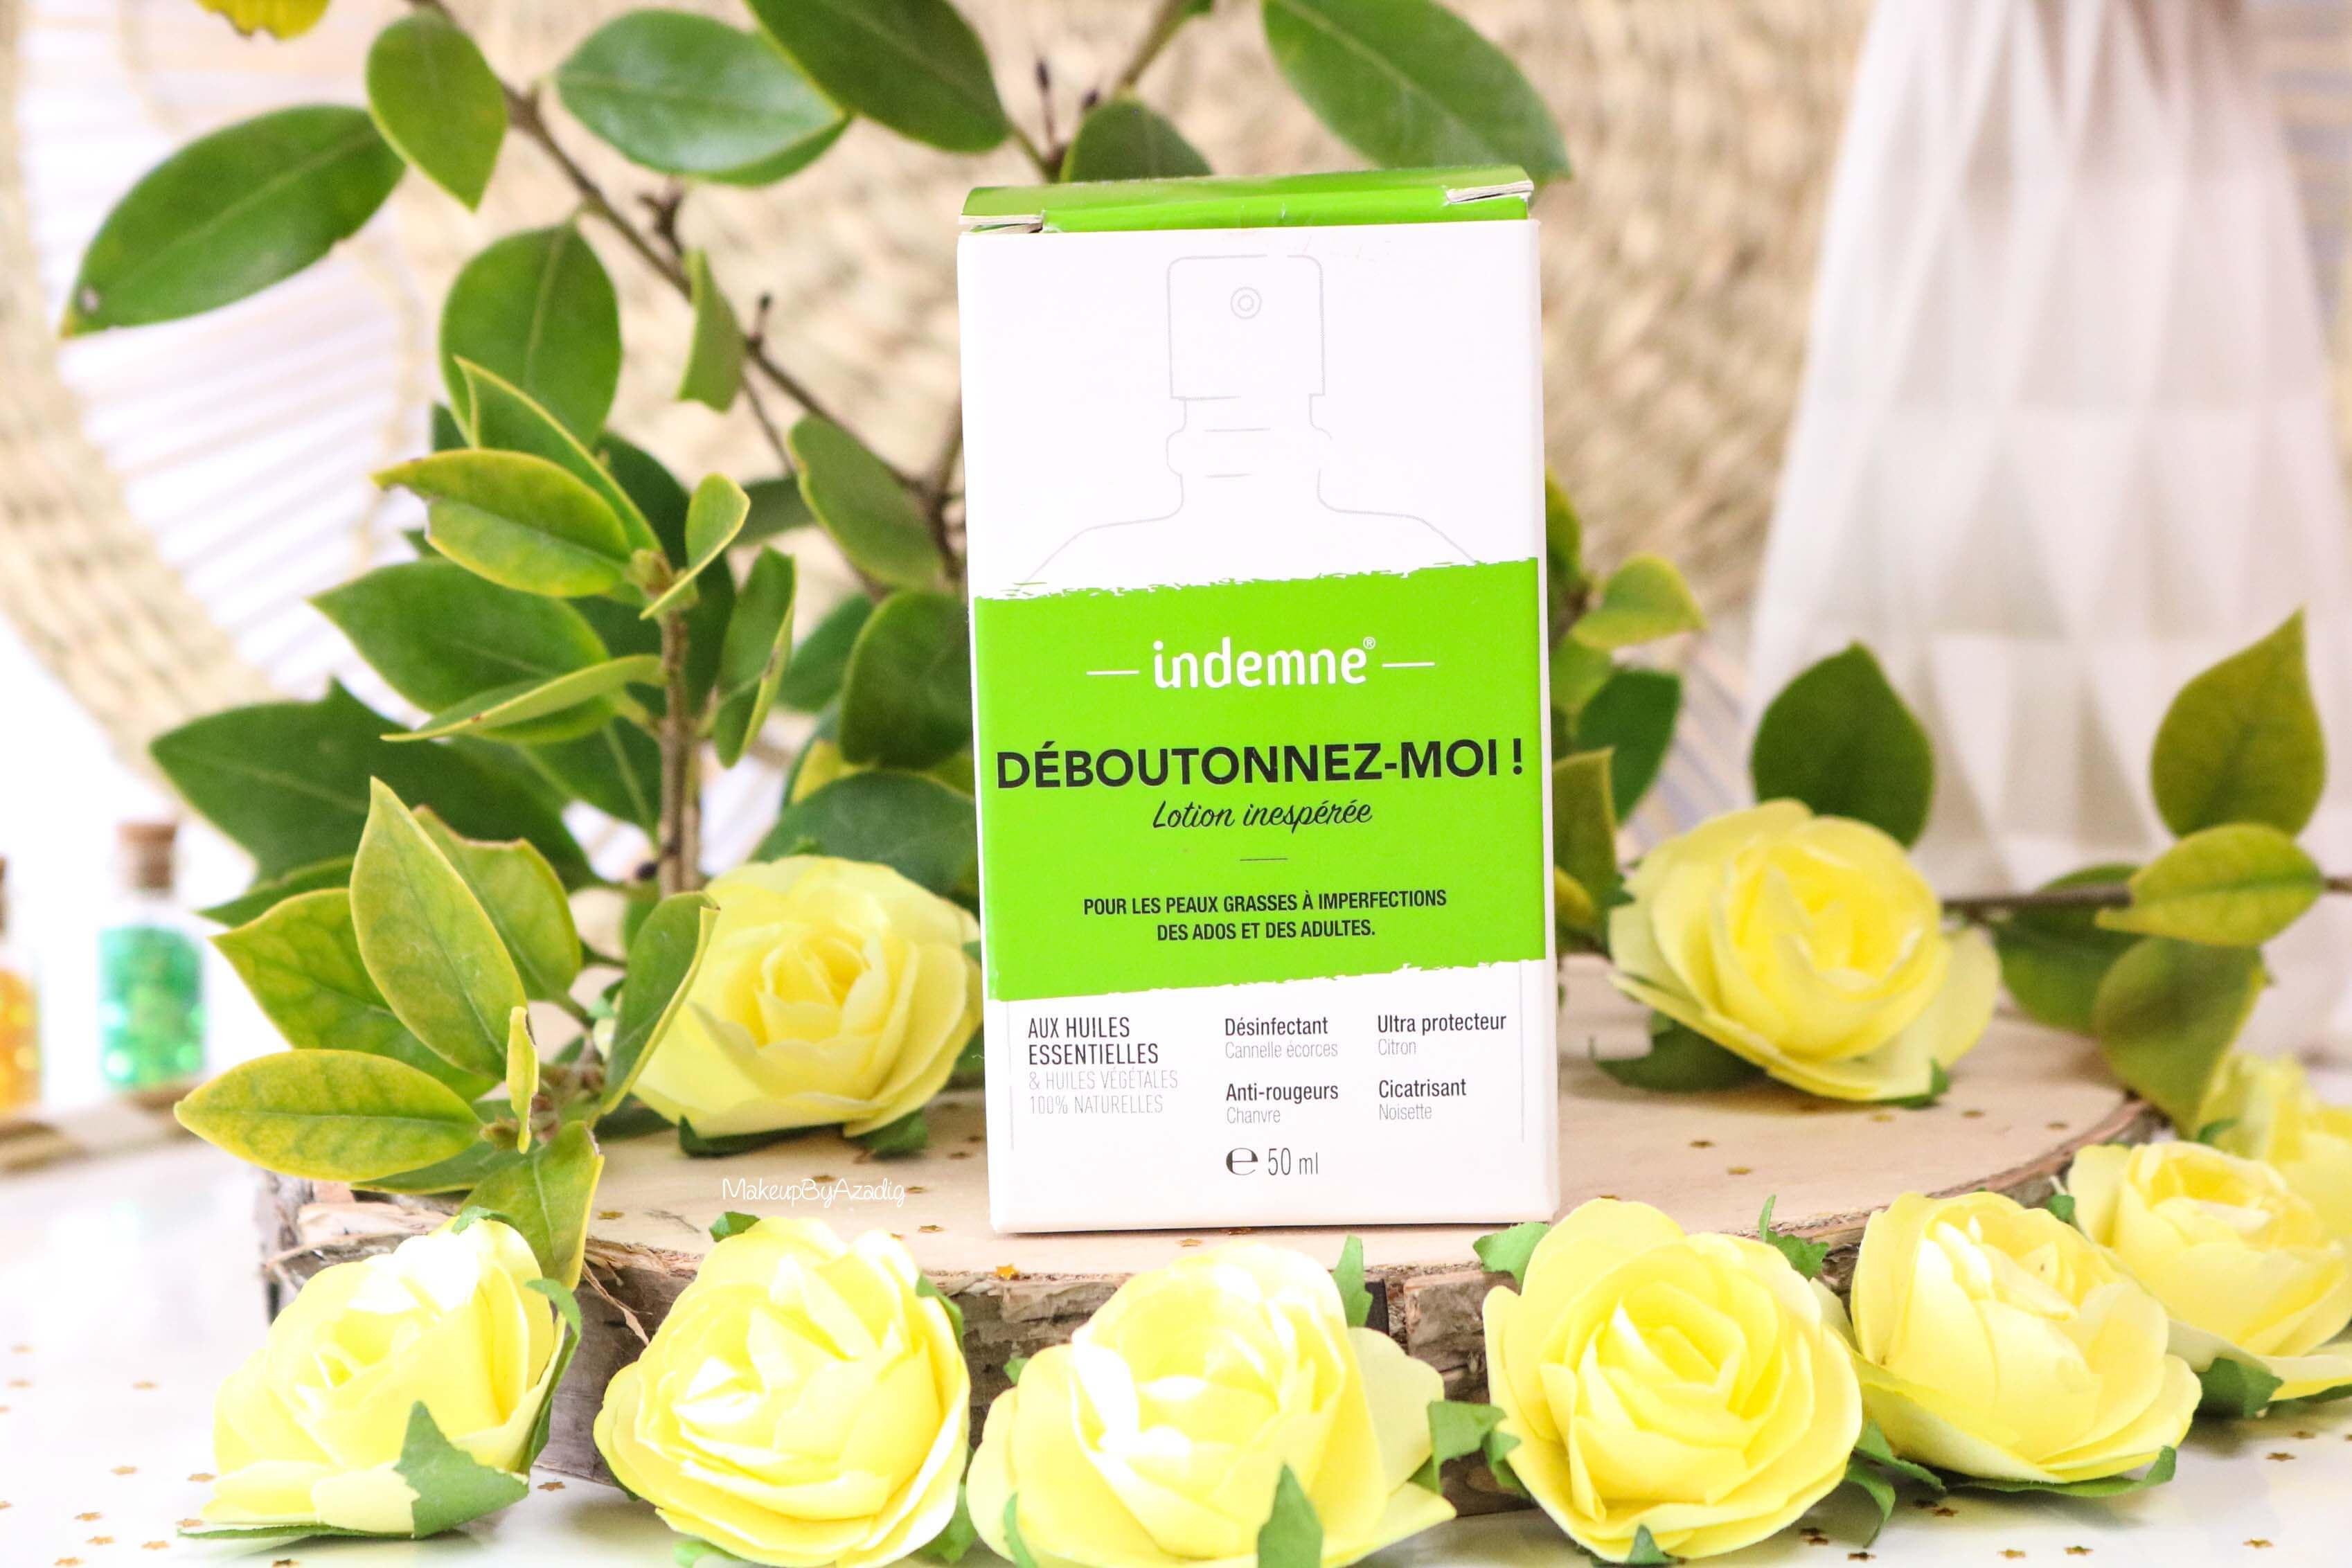 revue-deboutonnez-moi-indemne-produit-acnee-bio-huiles-parapharmacie-prix-avis-makeupbyazadig-packaging